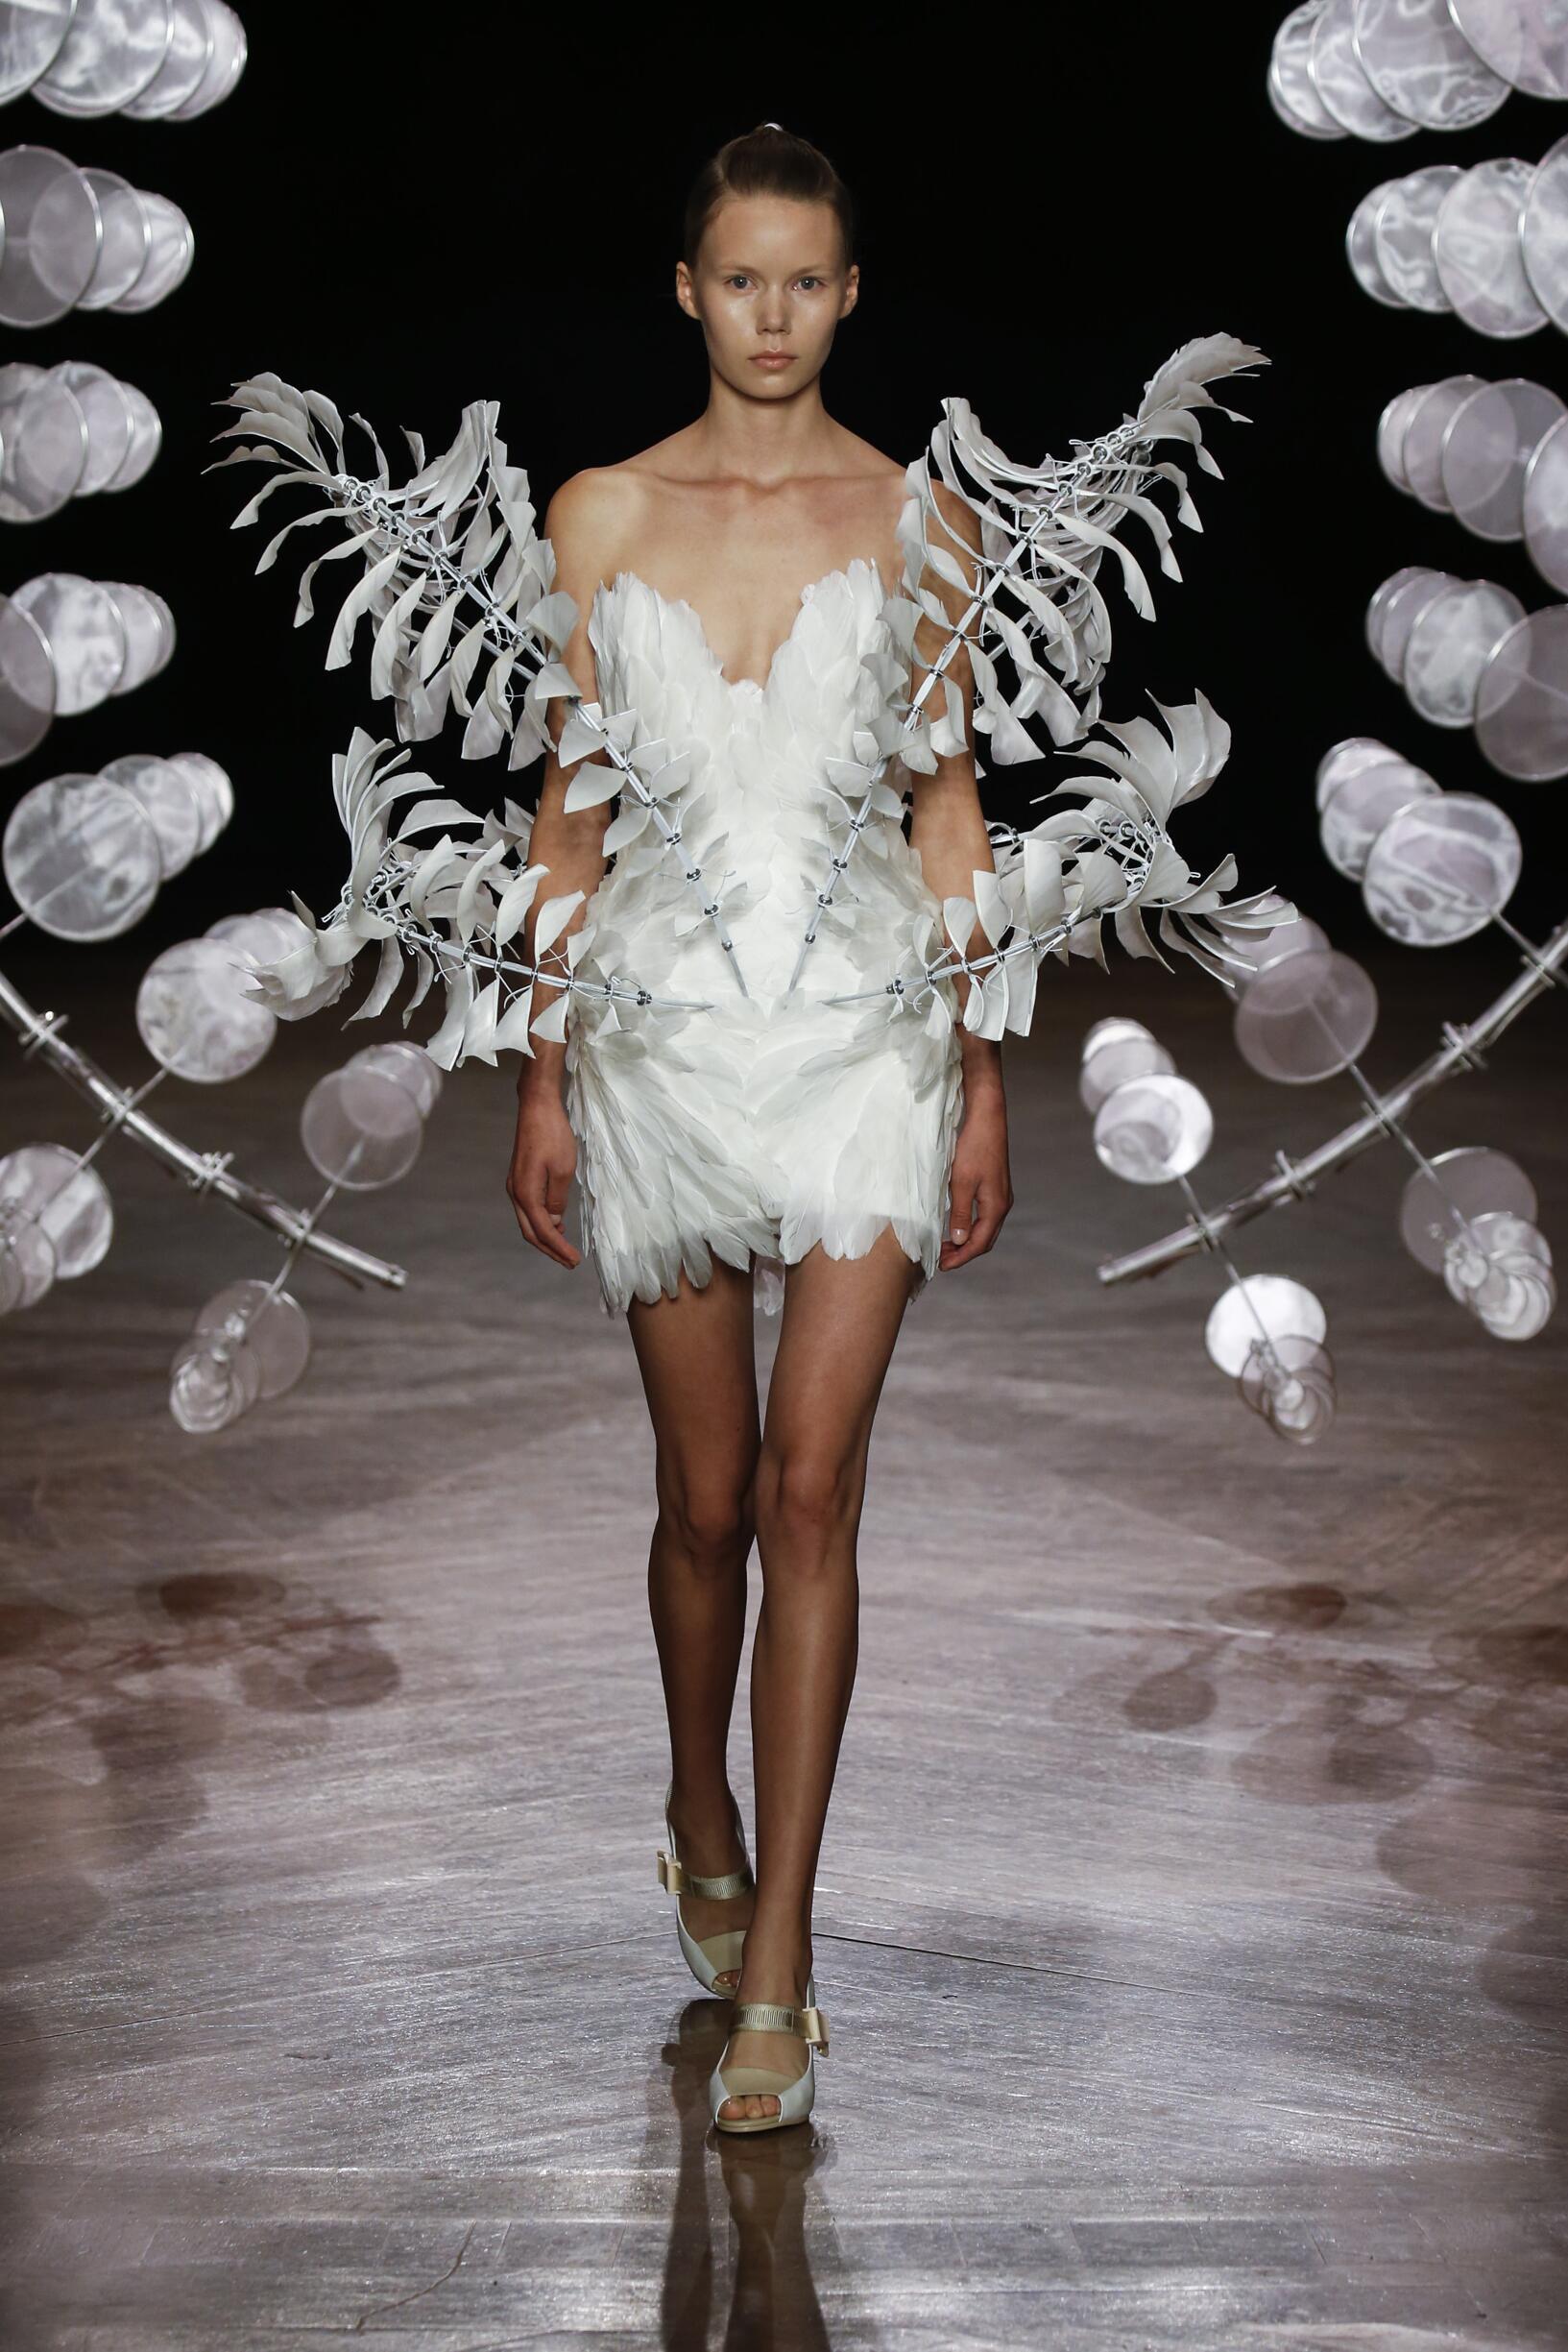 Iris van Herpen Haute Couture Paris Womenswear Trends